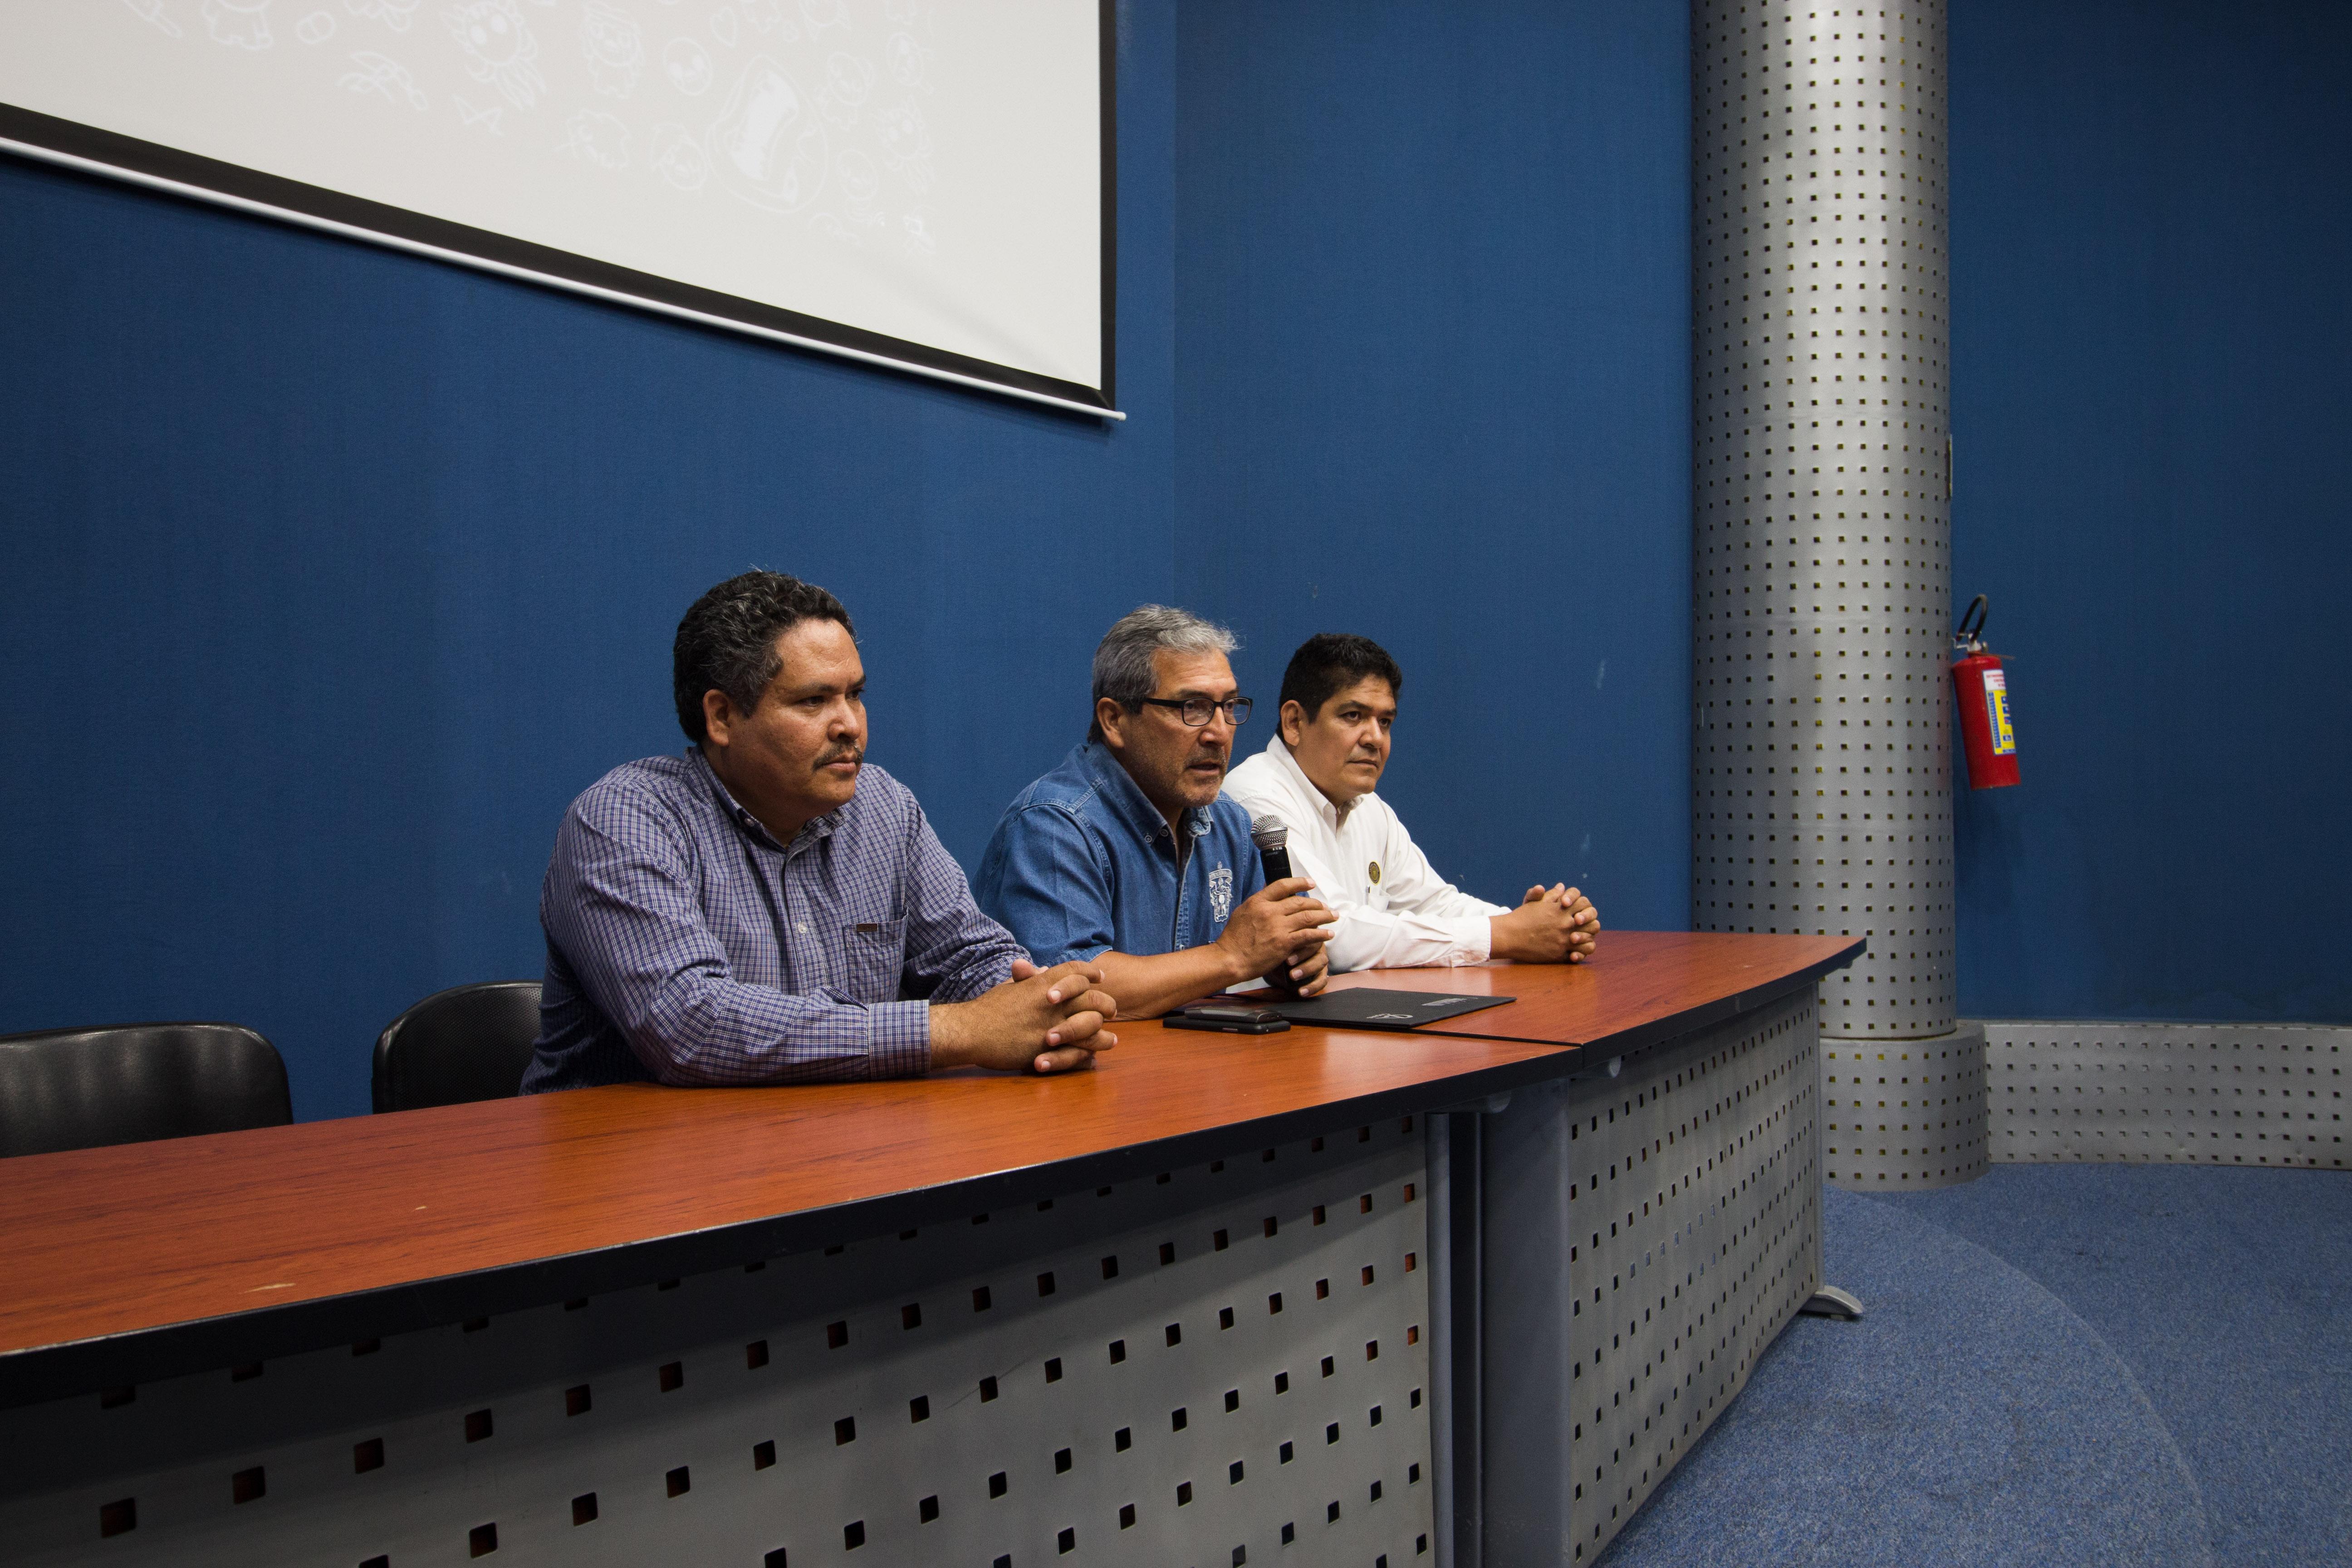 El director de la División de Ingenierías, Dr. Jorge Chavoya, resaltó el apoyo de la administración del Rector del CUCosta